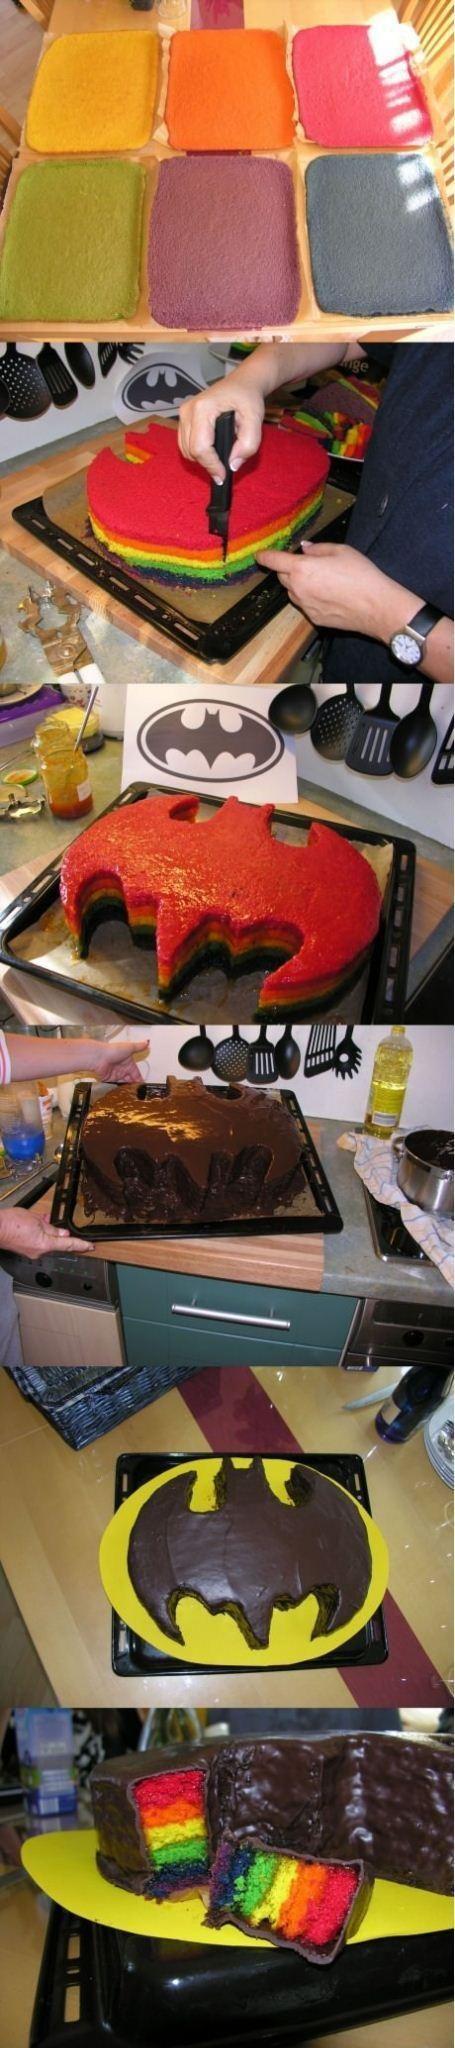 Te mostramos paso a paso como hacer una increíble torta de batman con relleno de colores